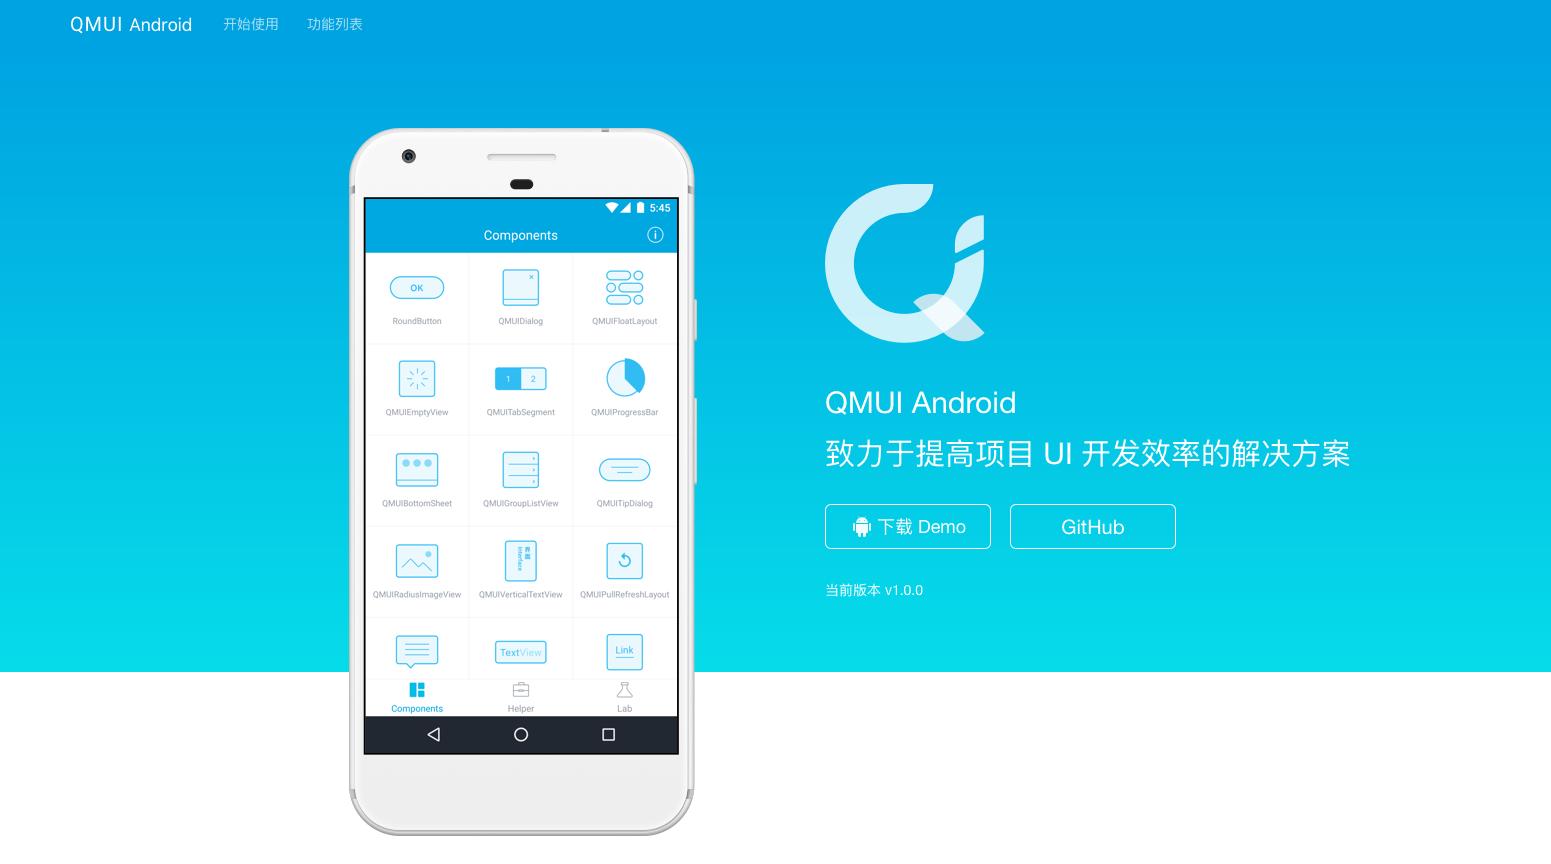 提高 Android UI 开发效率的 UI 库 QMUI Android